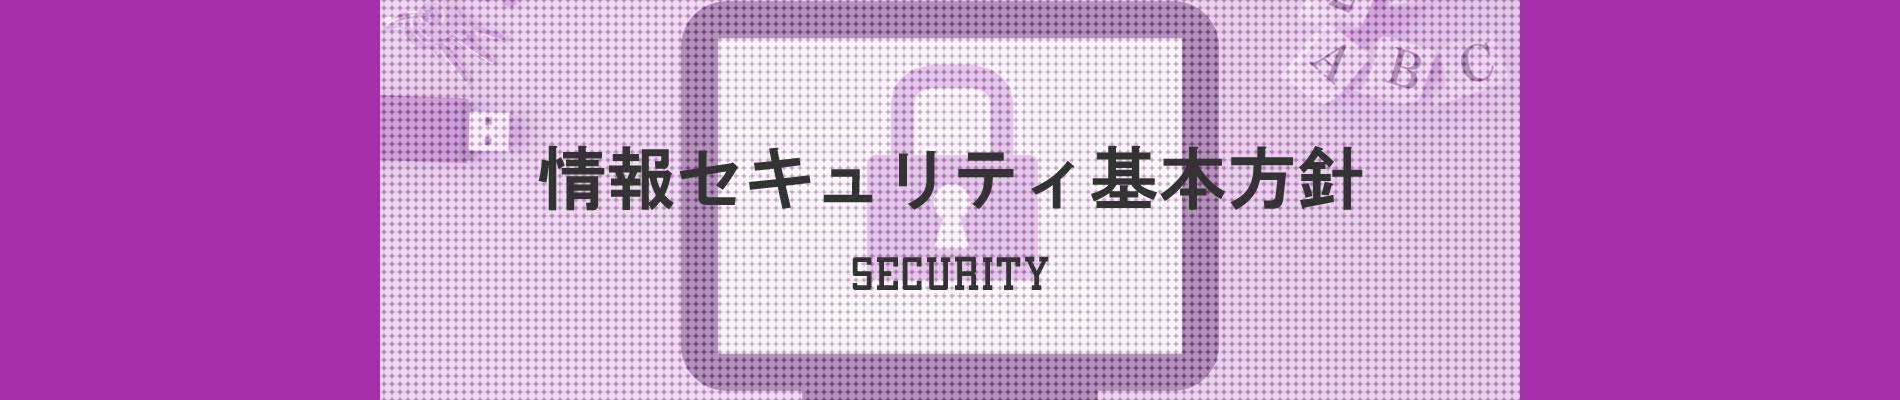 情報セキュリティ基本方針